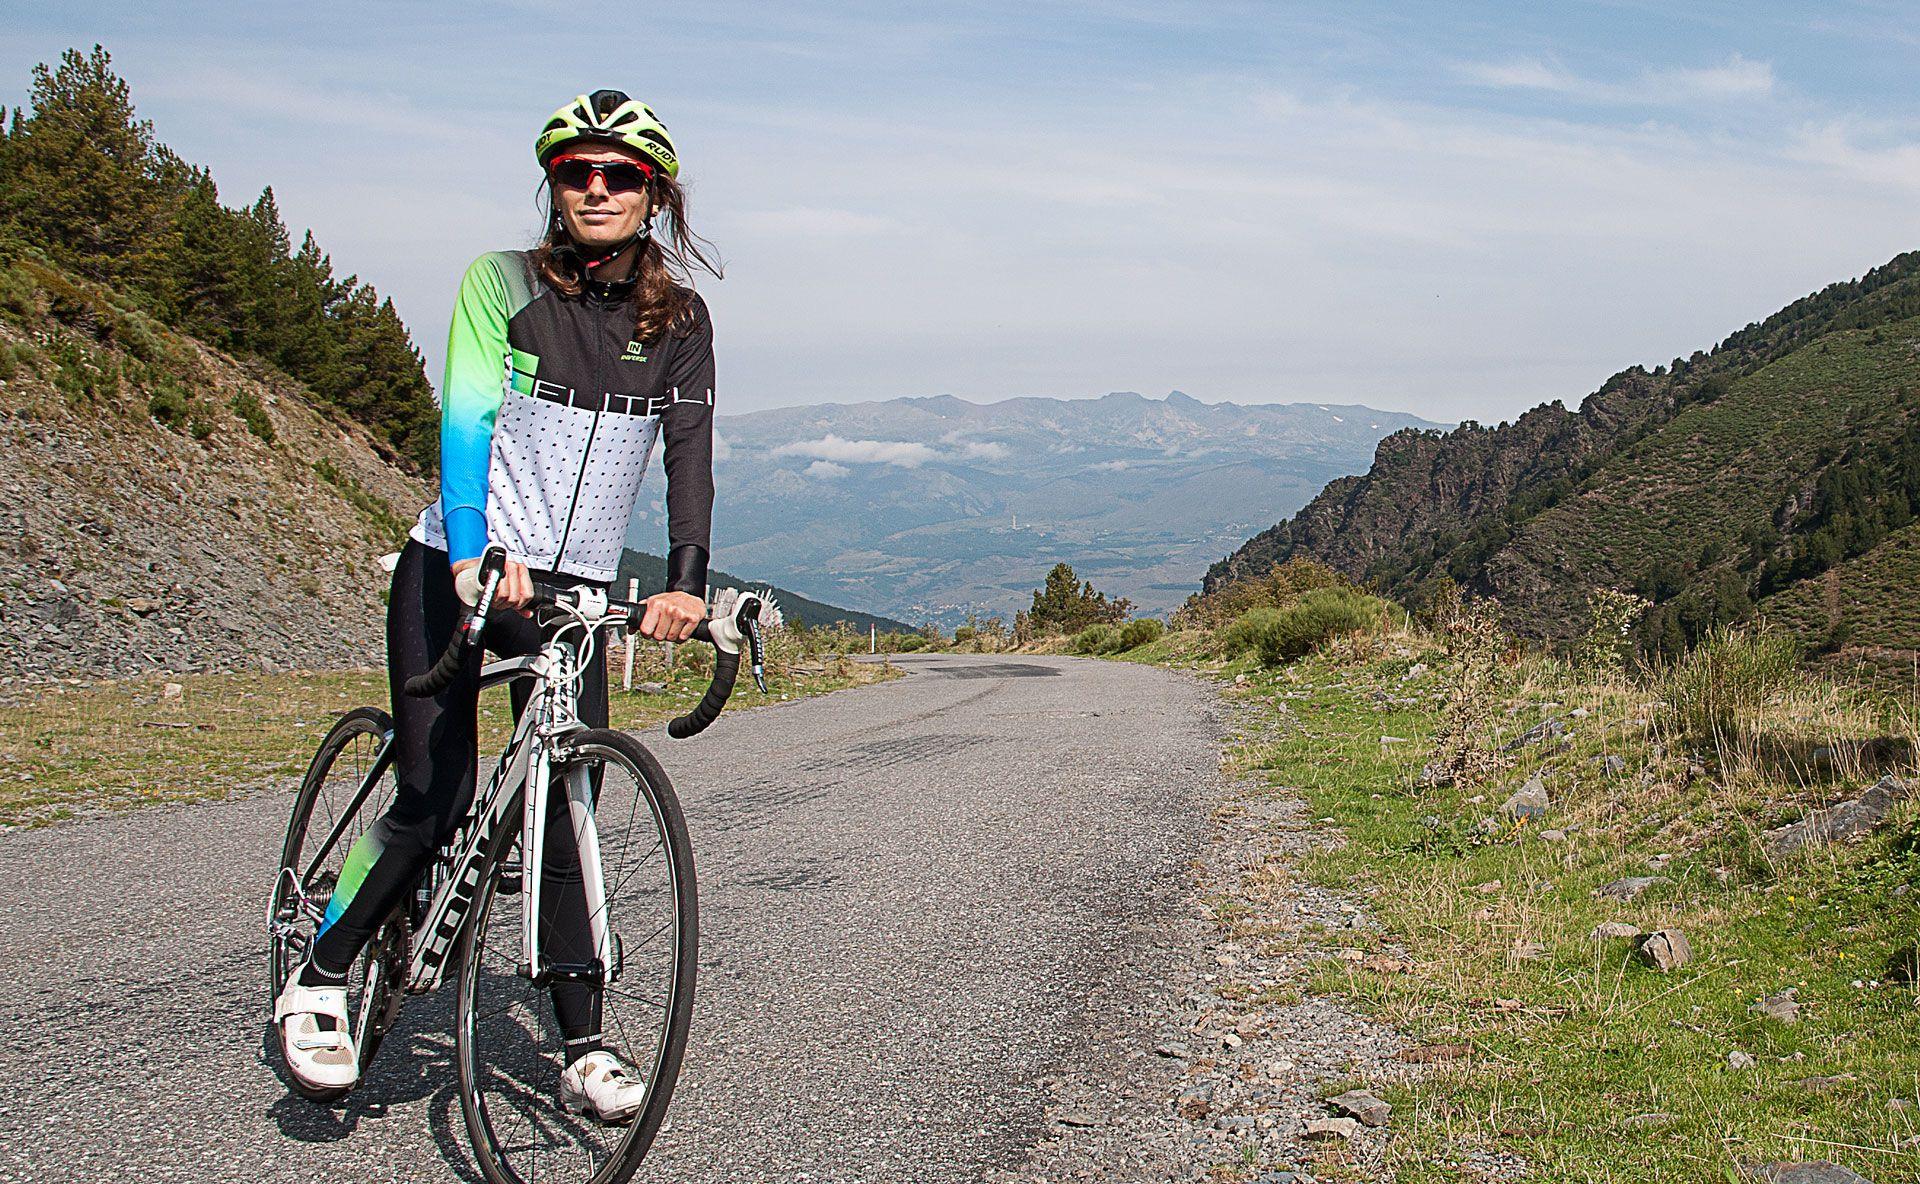 Inverse Lanza De Nuevo Una Nueva Oferta Irresistible De Ropa Personalizada Para Practicar El Ciclismo Durante Las épocas De Frío C Mangas Largas Ropa Ciclismo